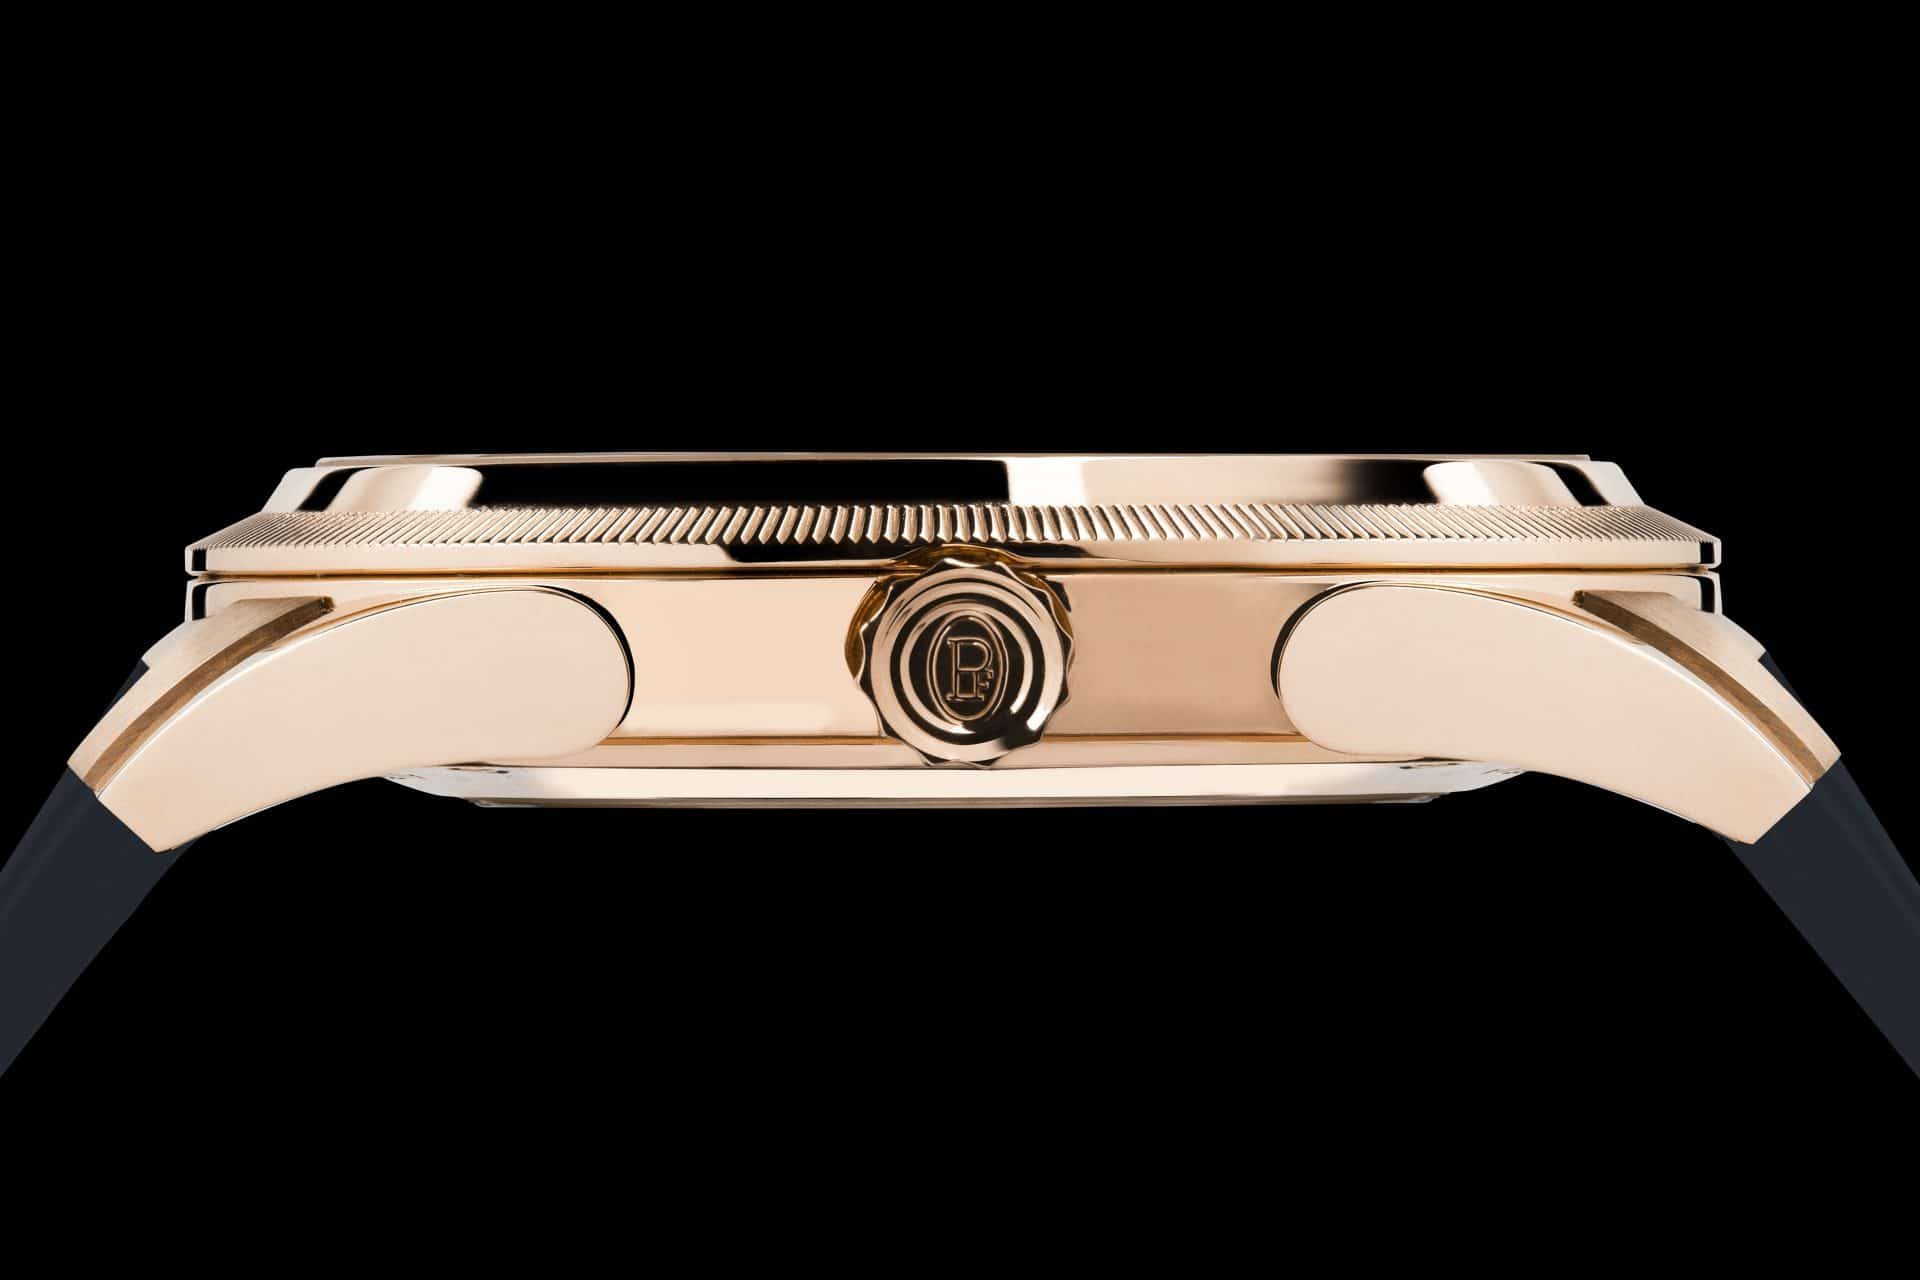 Parmigiani Fleurier Tonda GT Automatic mit Goldgehäuse seitliche Ansicht